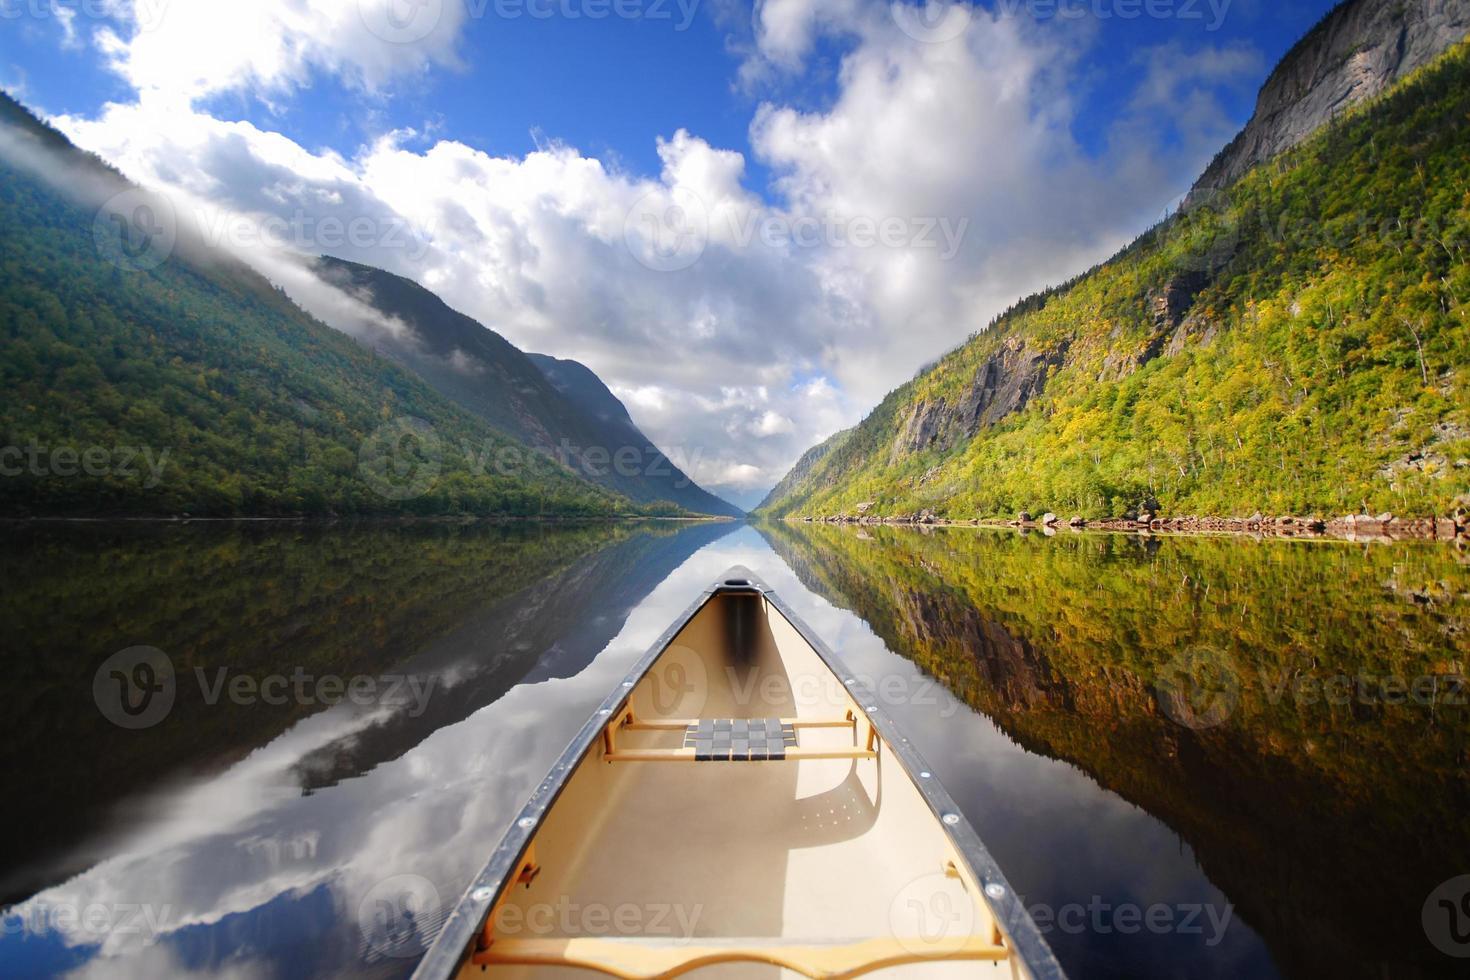 Canoe ride photo